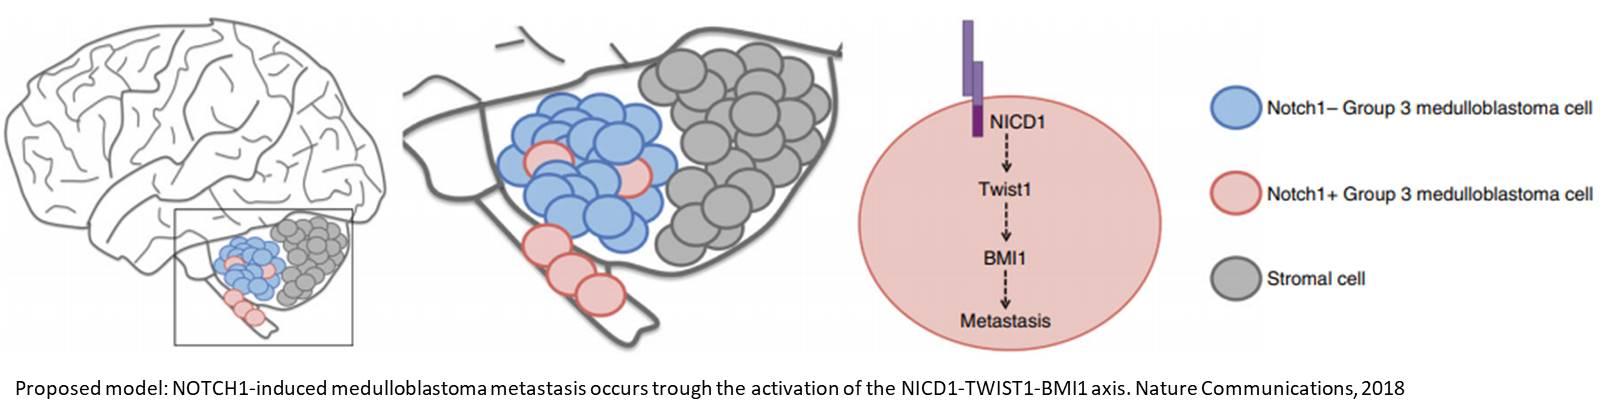 Medulloblastoma metastasis linked to Notch1